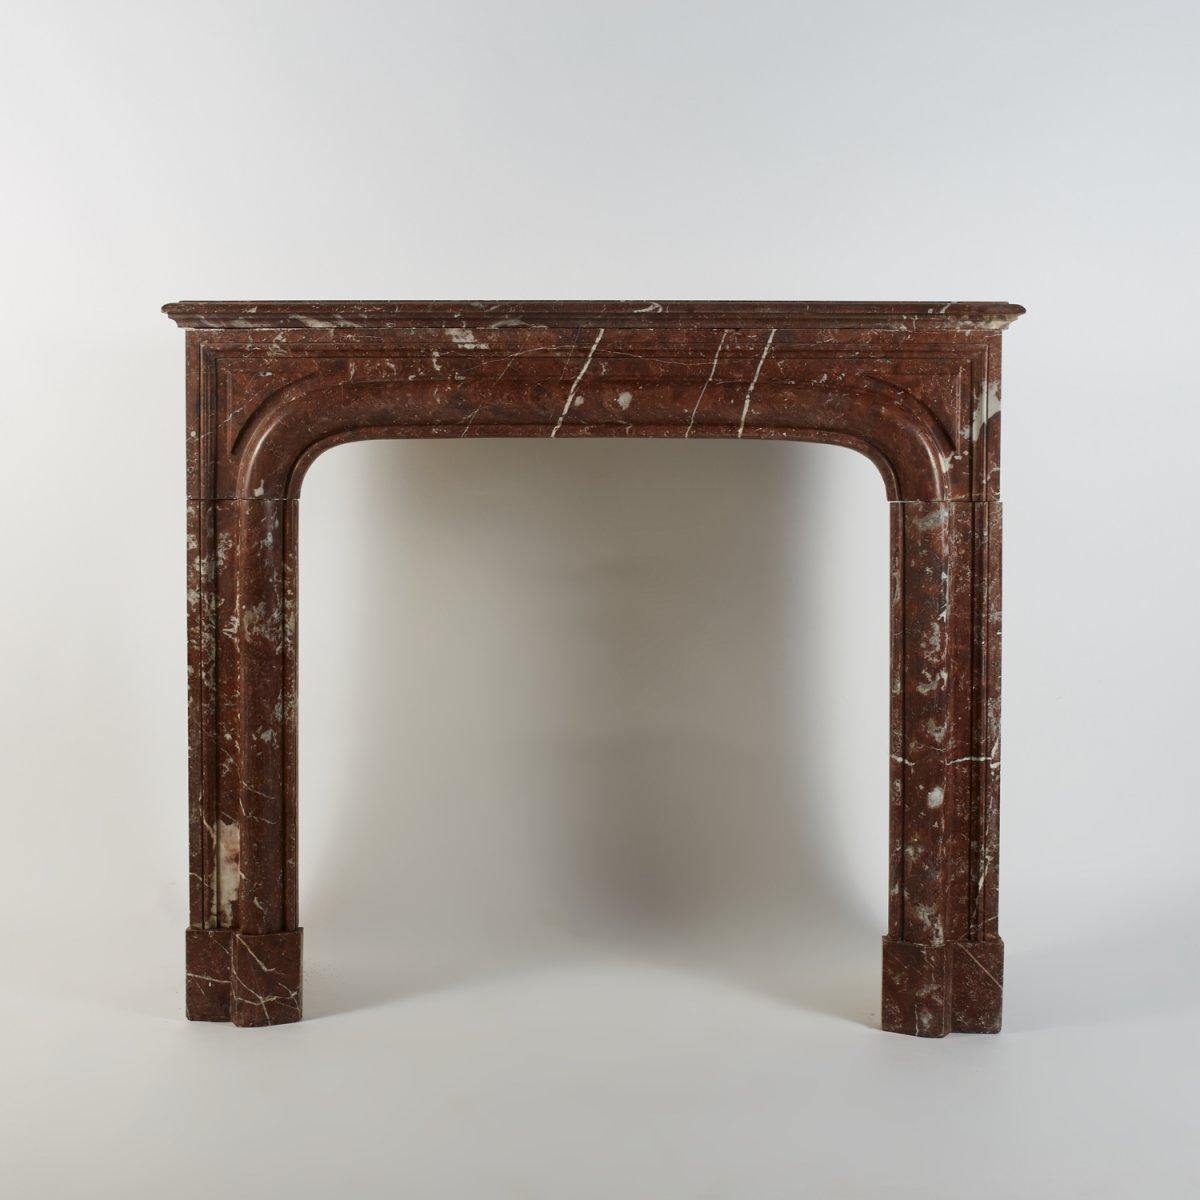 Cheminée de style Louis XIV à boudin en marbre rouge veiné blanc et gris, XIXe